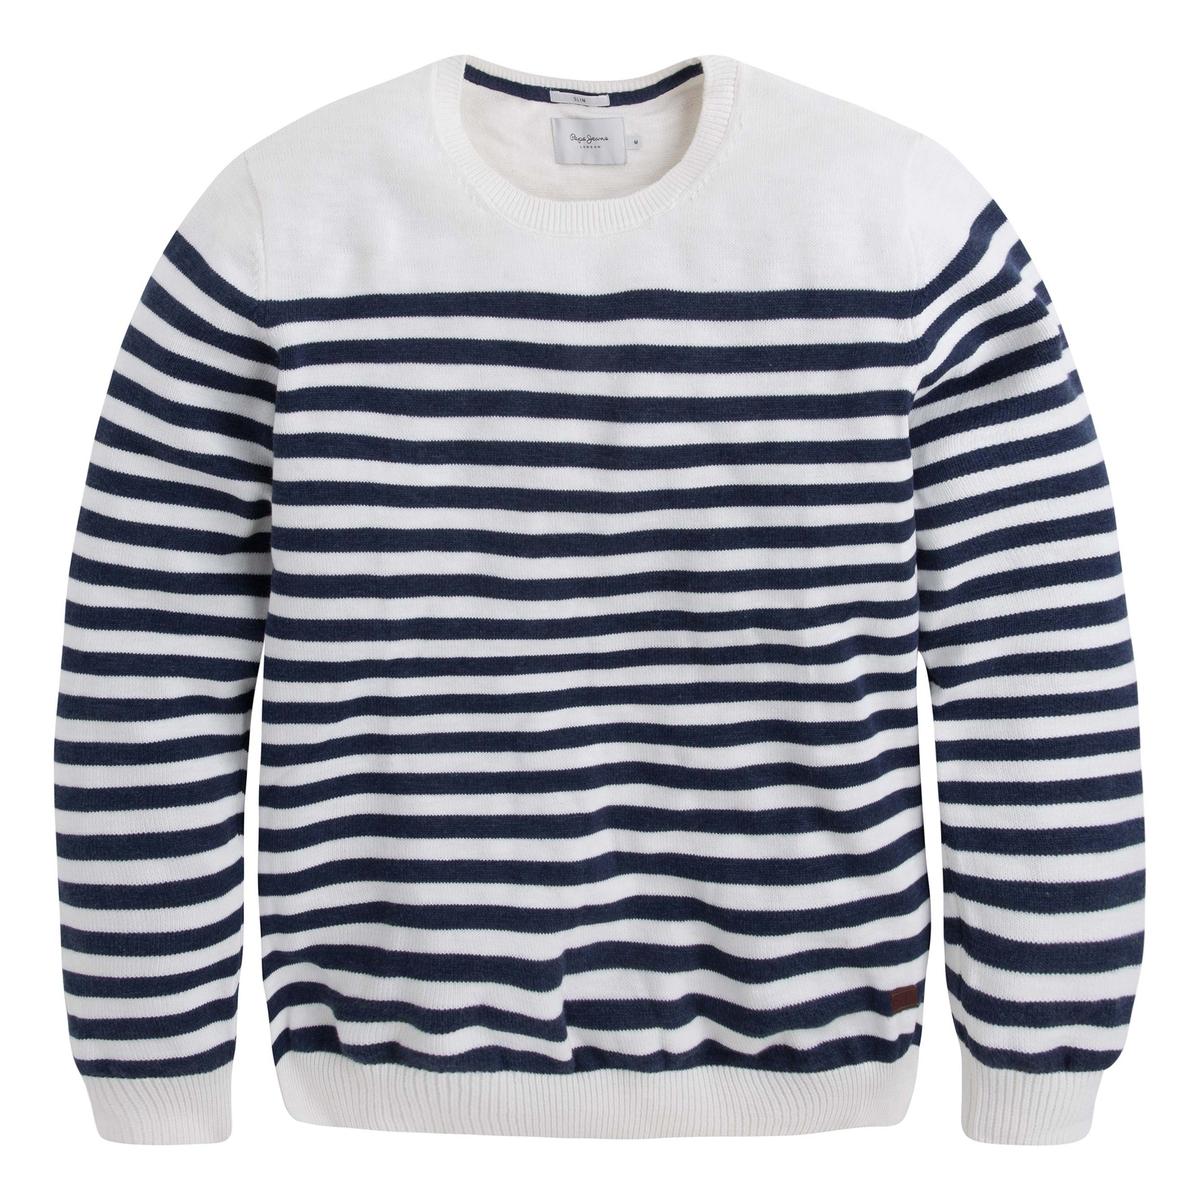 Пуловер с круглым вырезом, из тонкого трикотажаОписание:Детали •  Длинные рукава •  Круглый вырез •  Тонкий трикотаж •  Рисунок в полоску  Состав и уход •  100% хлопок •  Следуйте рекомендациям по уходу, указанным на этикетке изделия<br><br>Цвет: белый,синий морской<br>Размер: L.S.M.M.XL